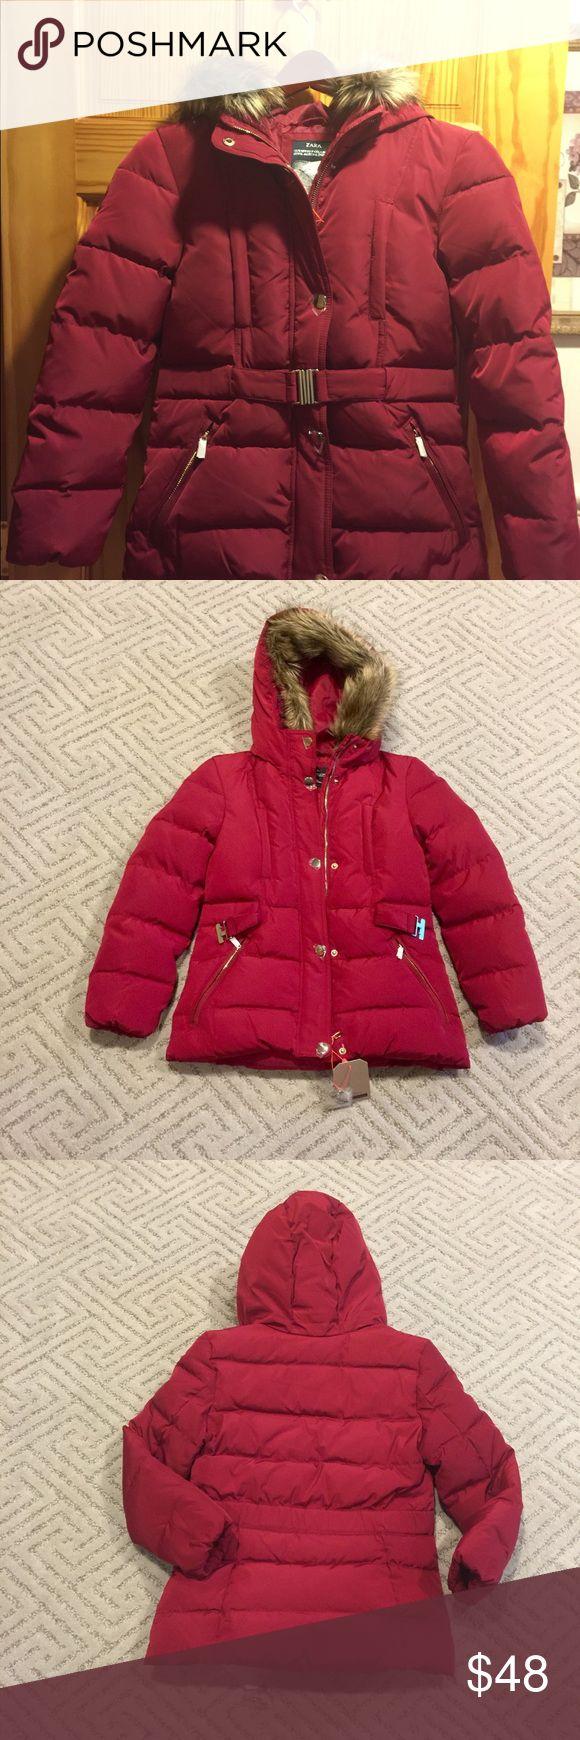 BNWT-Zara Girl Down Coat with Belt & faux fur trim BNWT-Zara Girl Down Jacket with Belt & faux fur trim hood (removable) size 11-12 zara kids Jackets & Coats